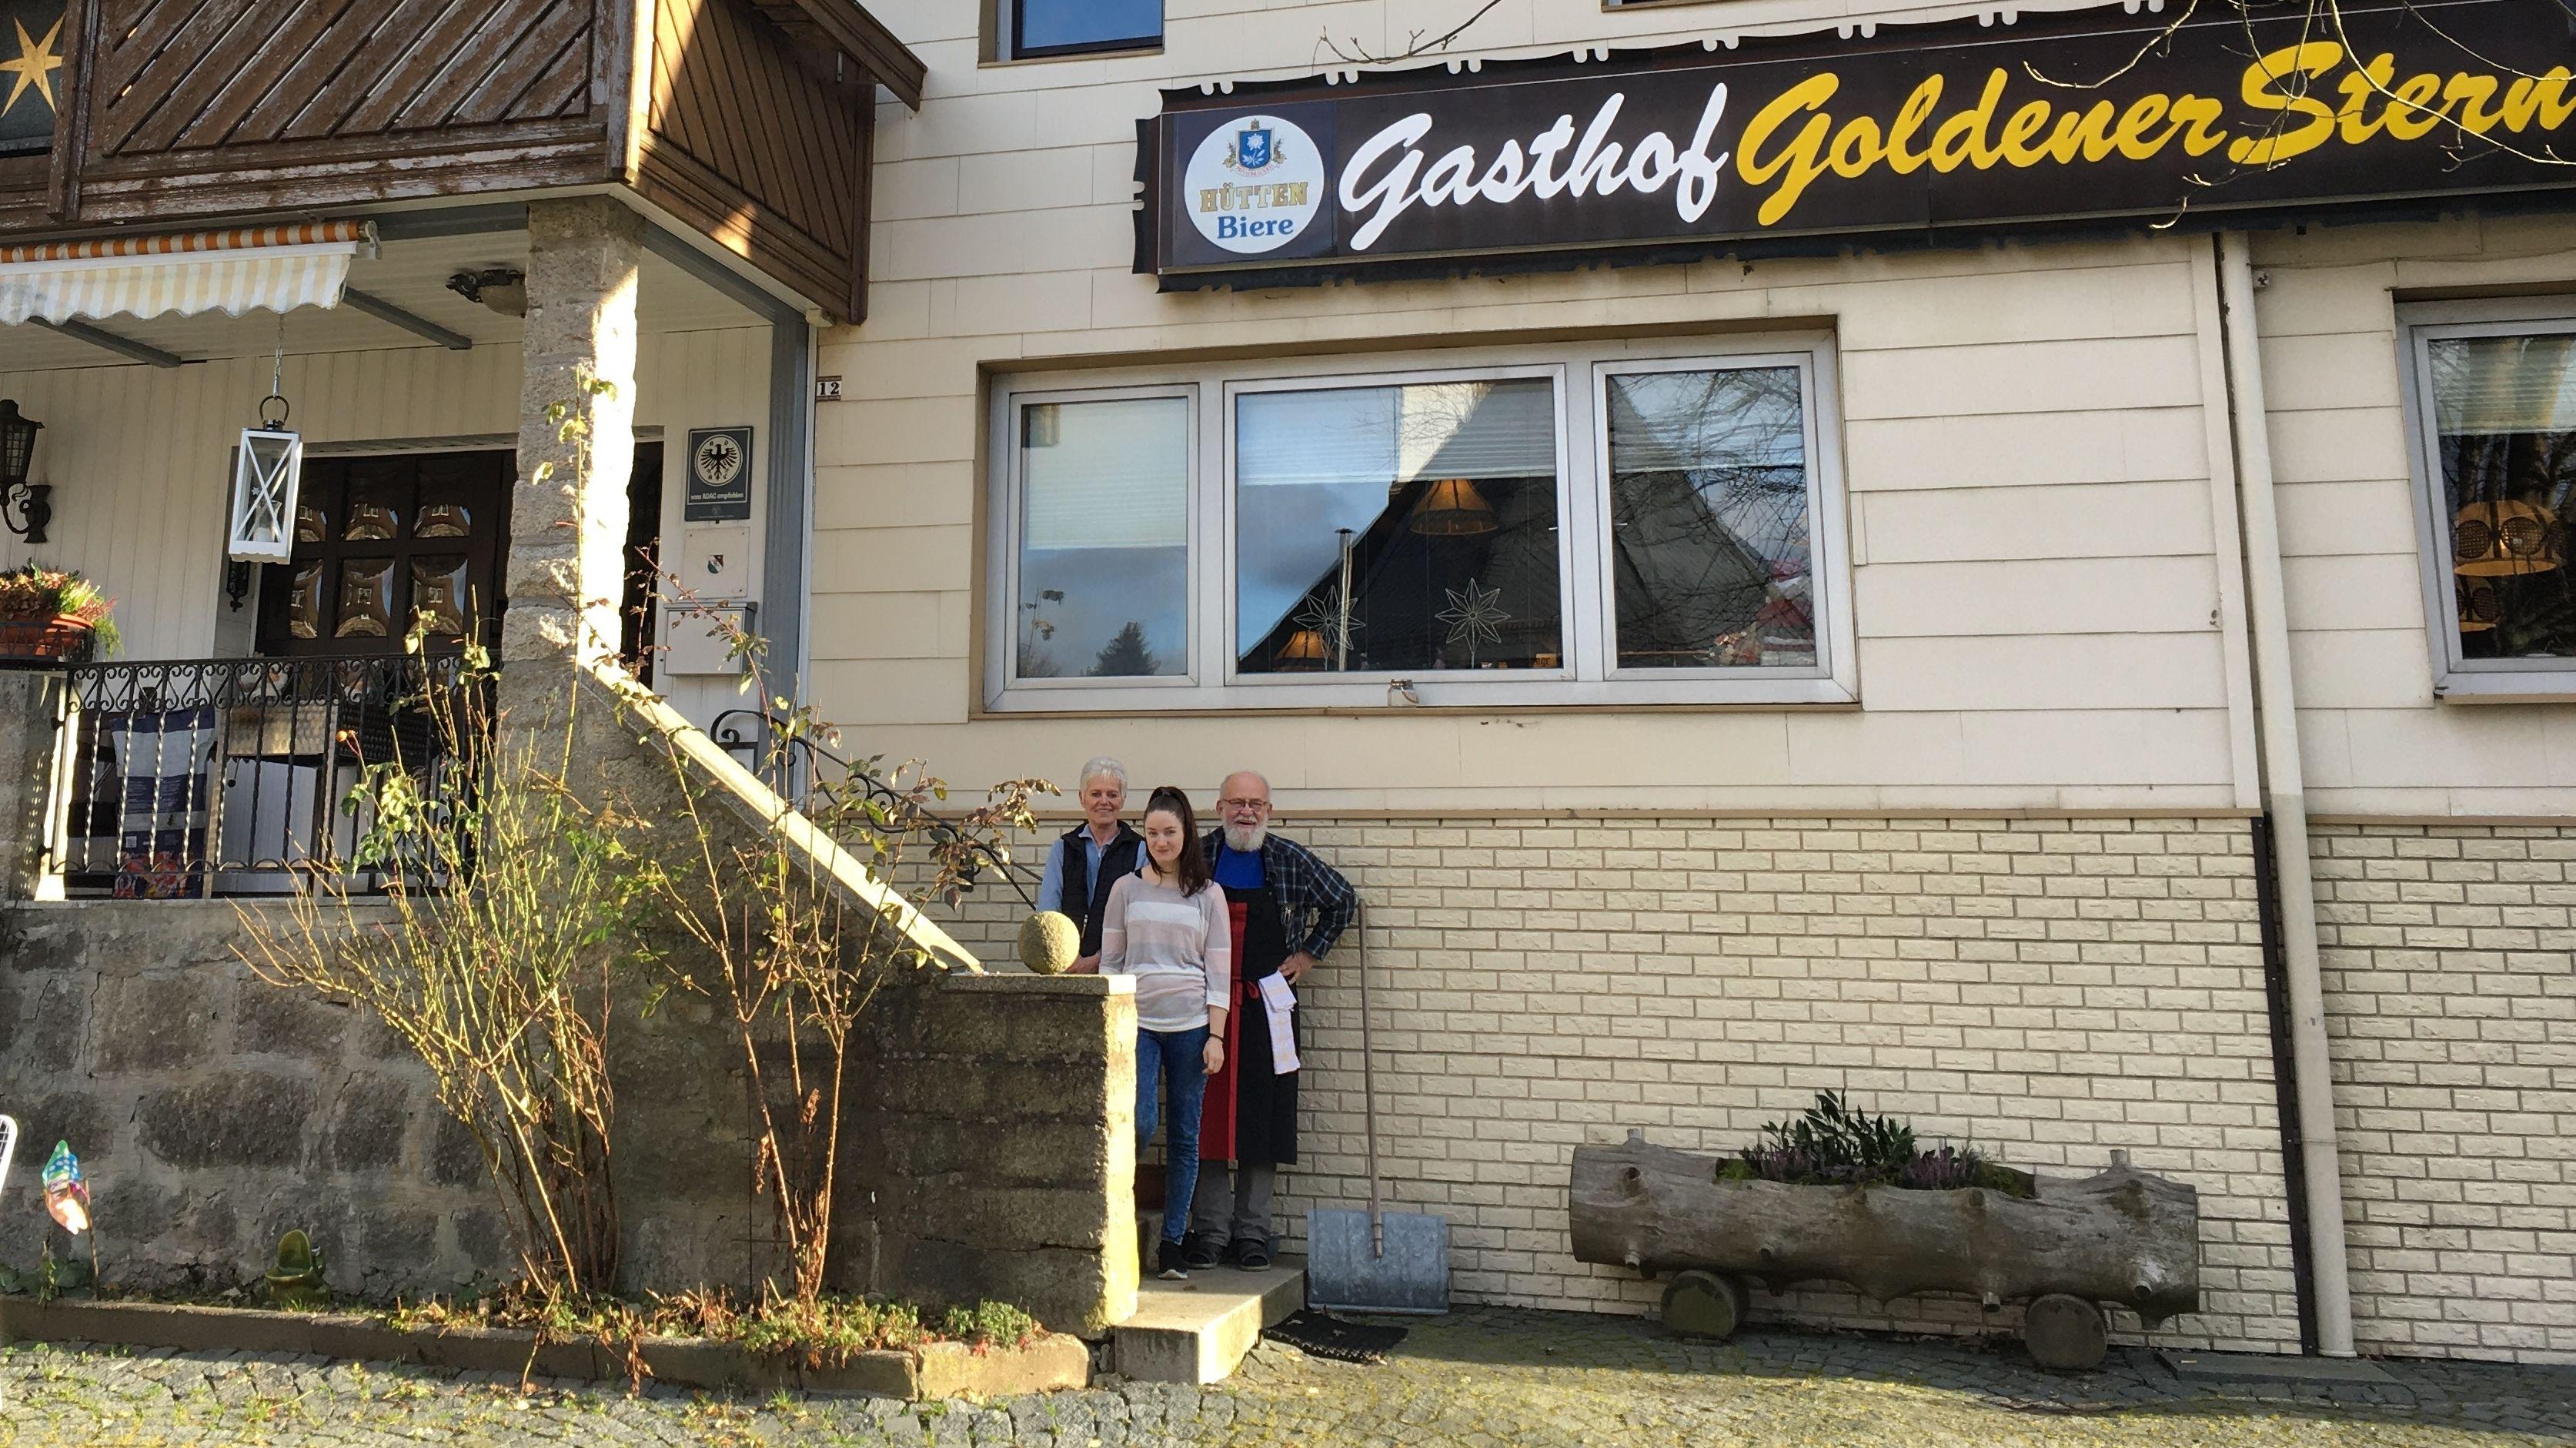 """Drei Personen stehen auf einer Treppe vor dem Gasthof """"Goldener Stern"""" in Oberwarmensteinach im Fichtelgebirge."""